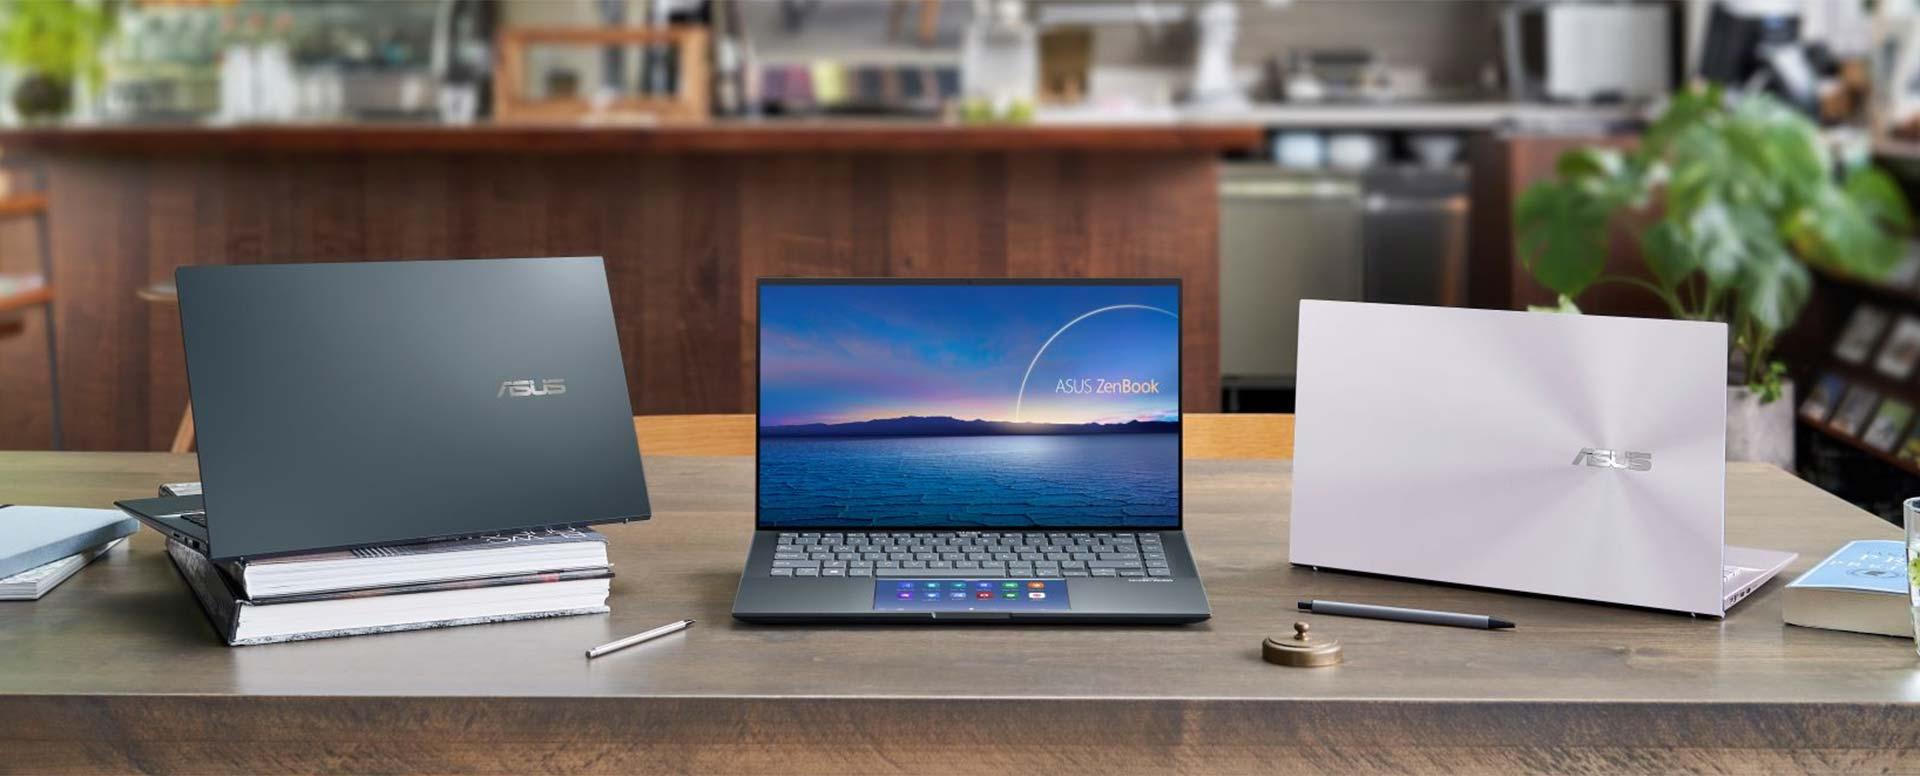 Asus ZenBook 14 UX435 series